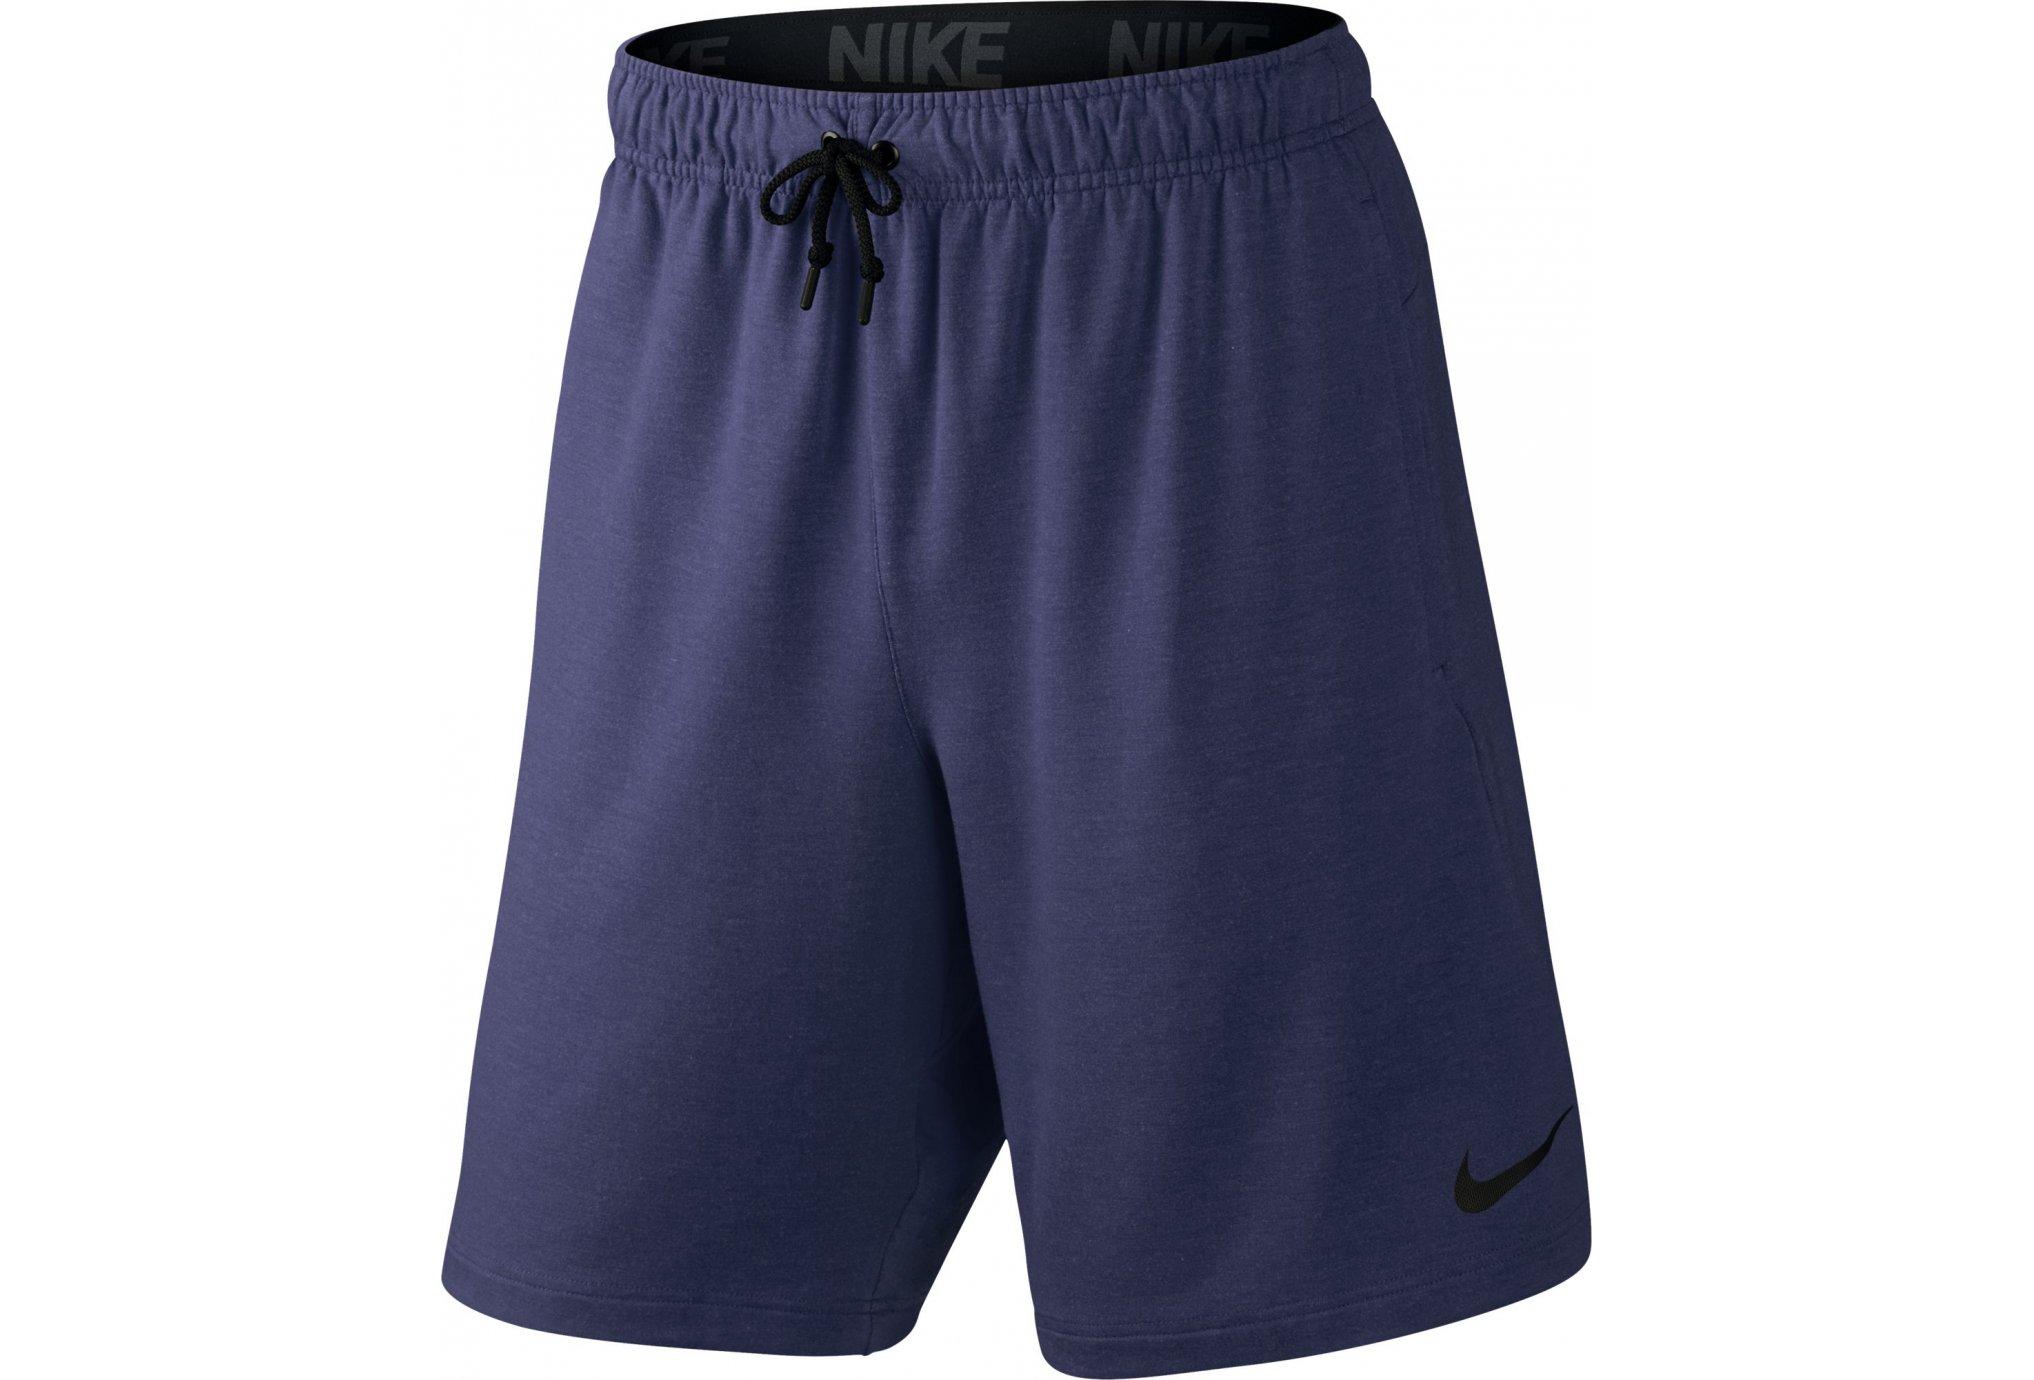 Nike Dri-Fit Fleece M Diététique Vêtements homme